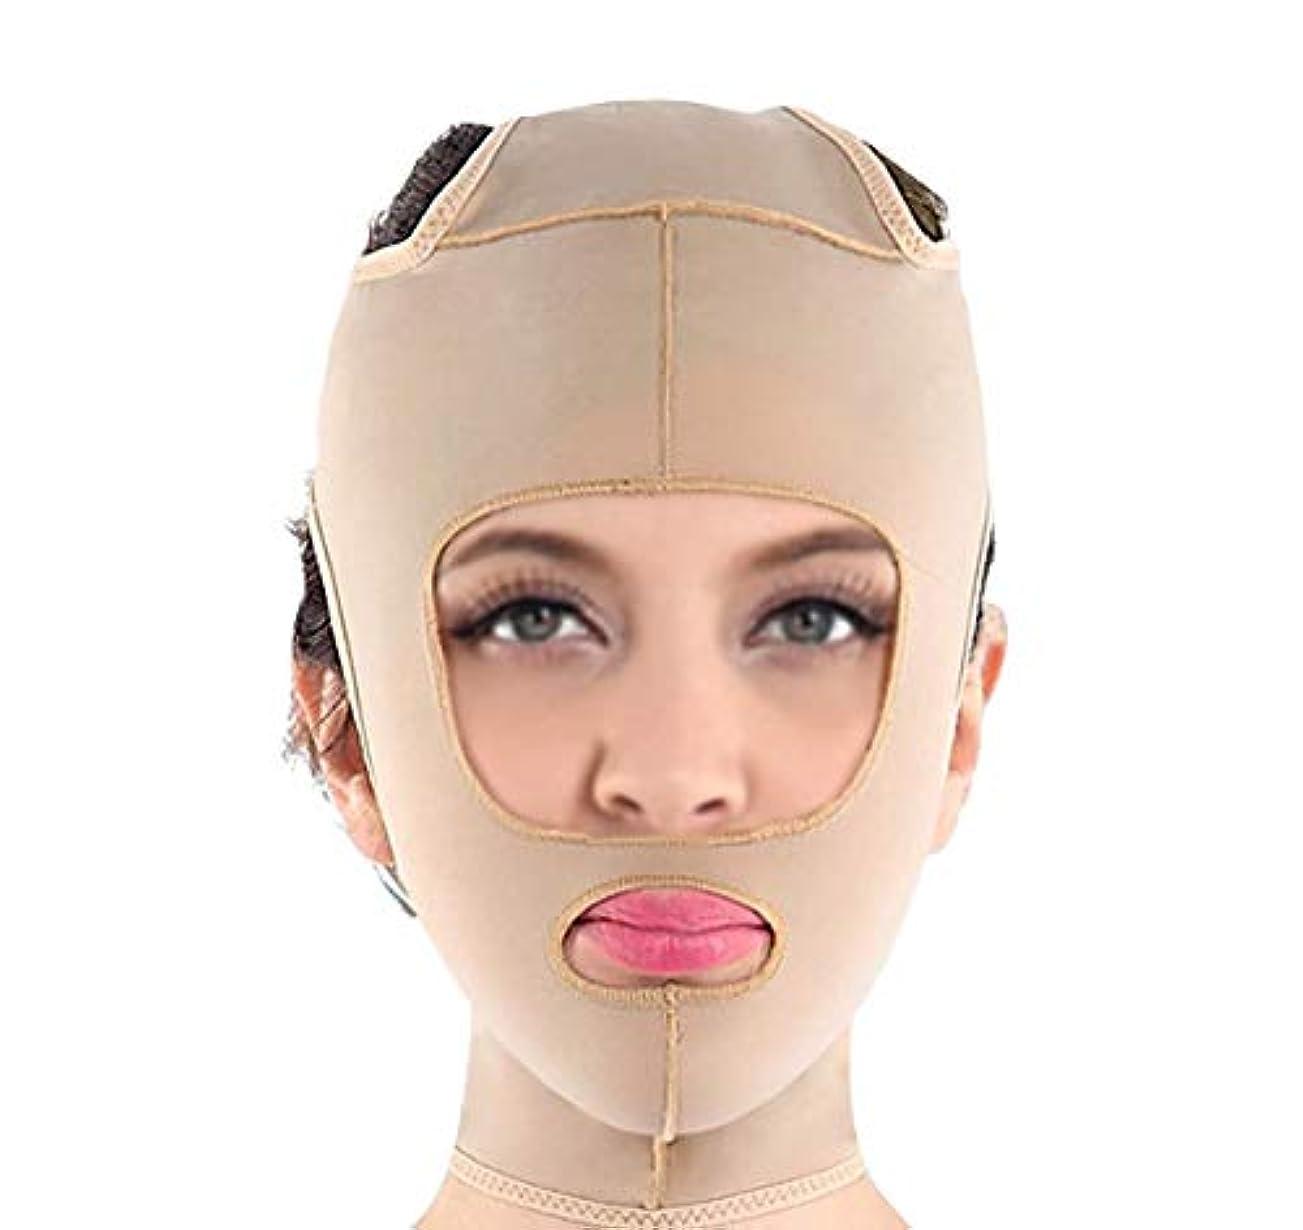 に渡って肥沃な撤退包帯vフェイス楽器フェイスマスクマジックフェイスフェイシャル引き締めフェイシャルマッサージフェイシャルリンクルリフティング引き締めプラスチックマスク(サイズ:Xl),Xl